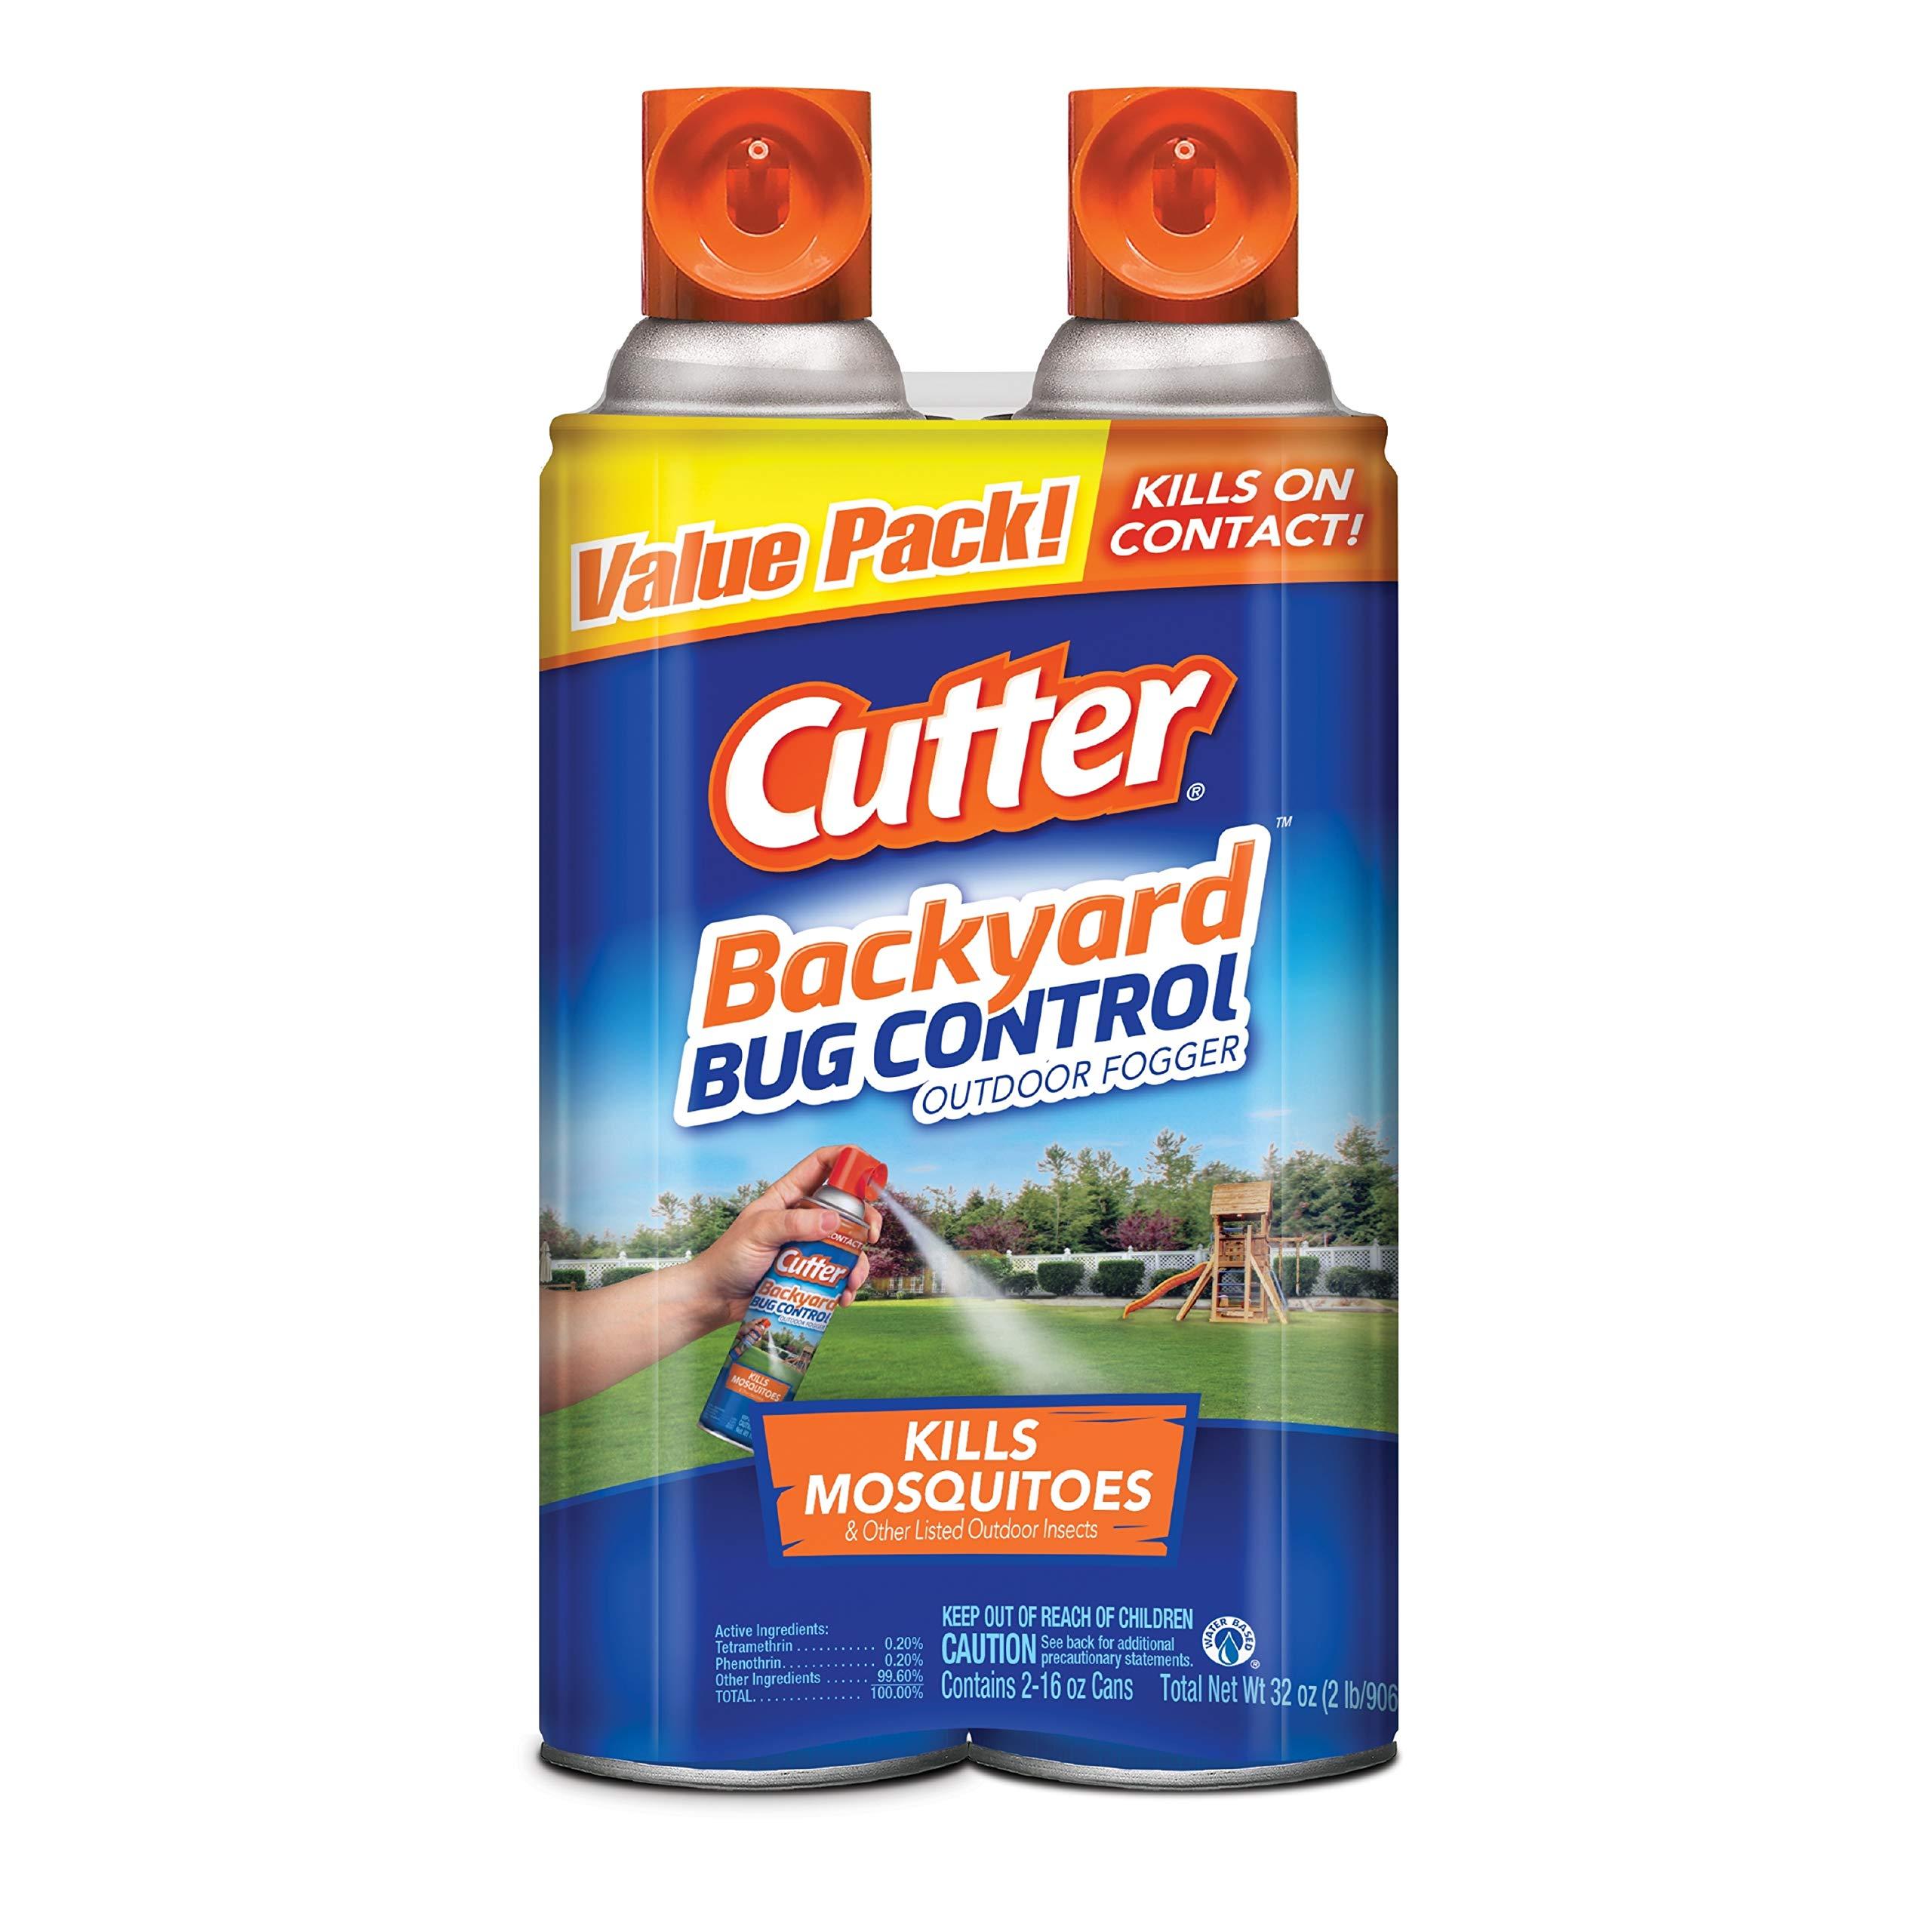 Cutter Backyard Bug Control Outdoor Fogger, 2/16-Ounce by Cutter